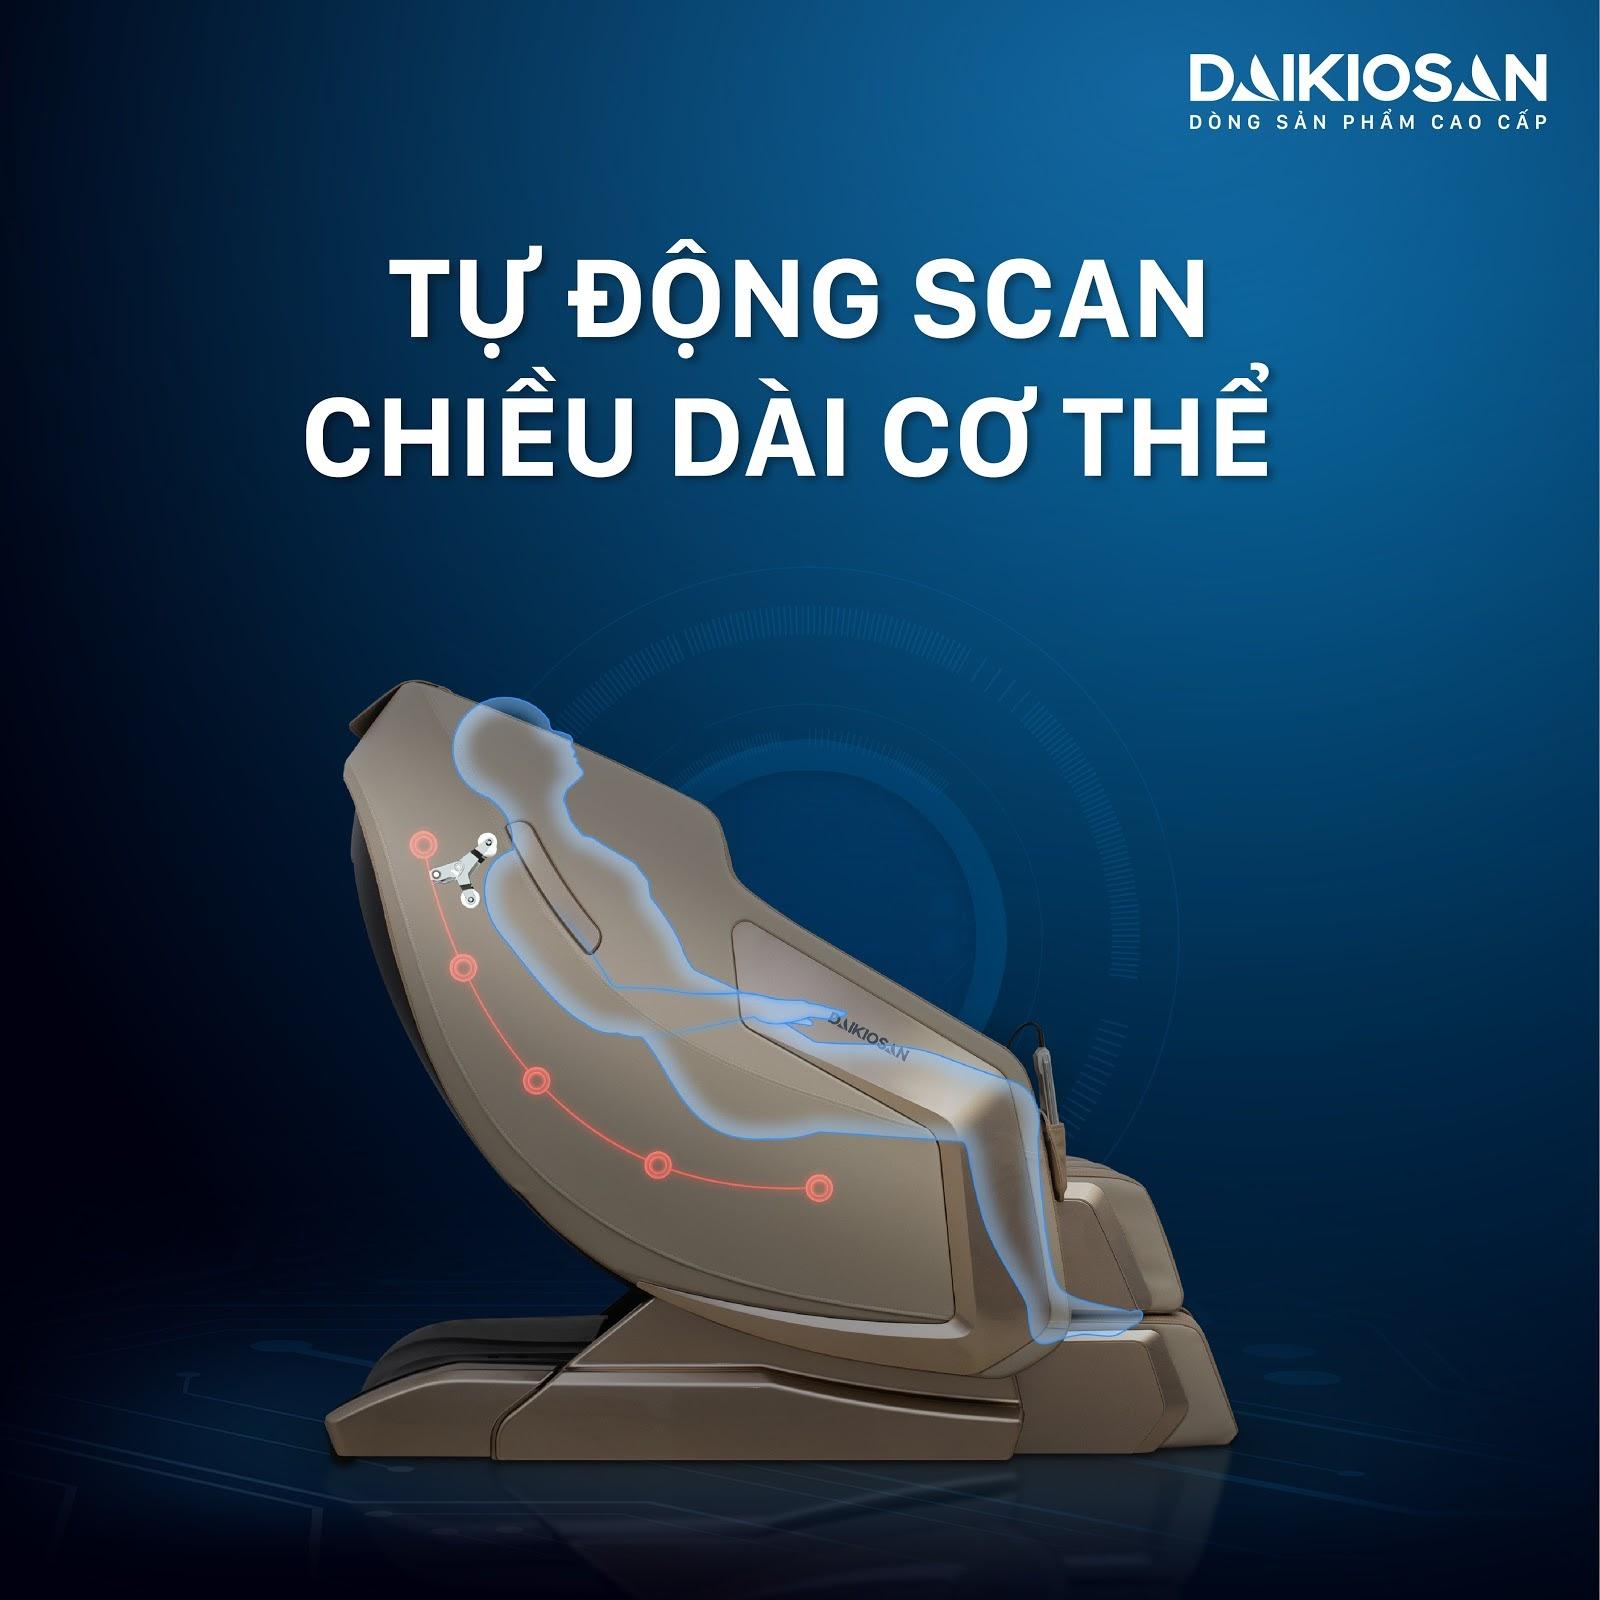 Chế độ giúp hình dung được cơ thể bạn và điều chỉnh ghế cho tương thích với cơ thể.